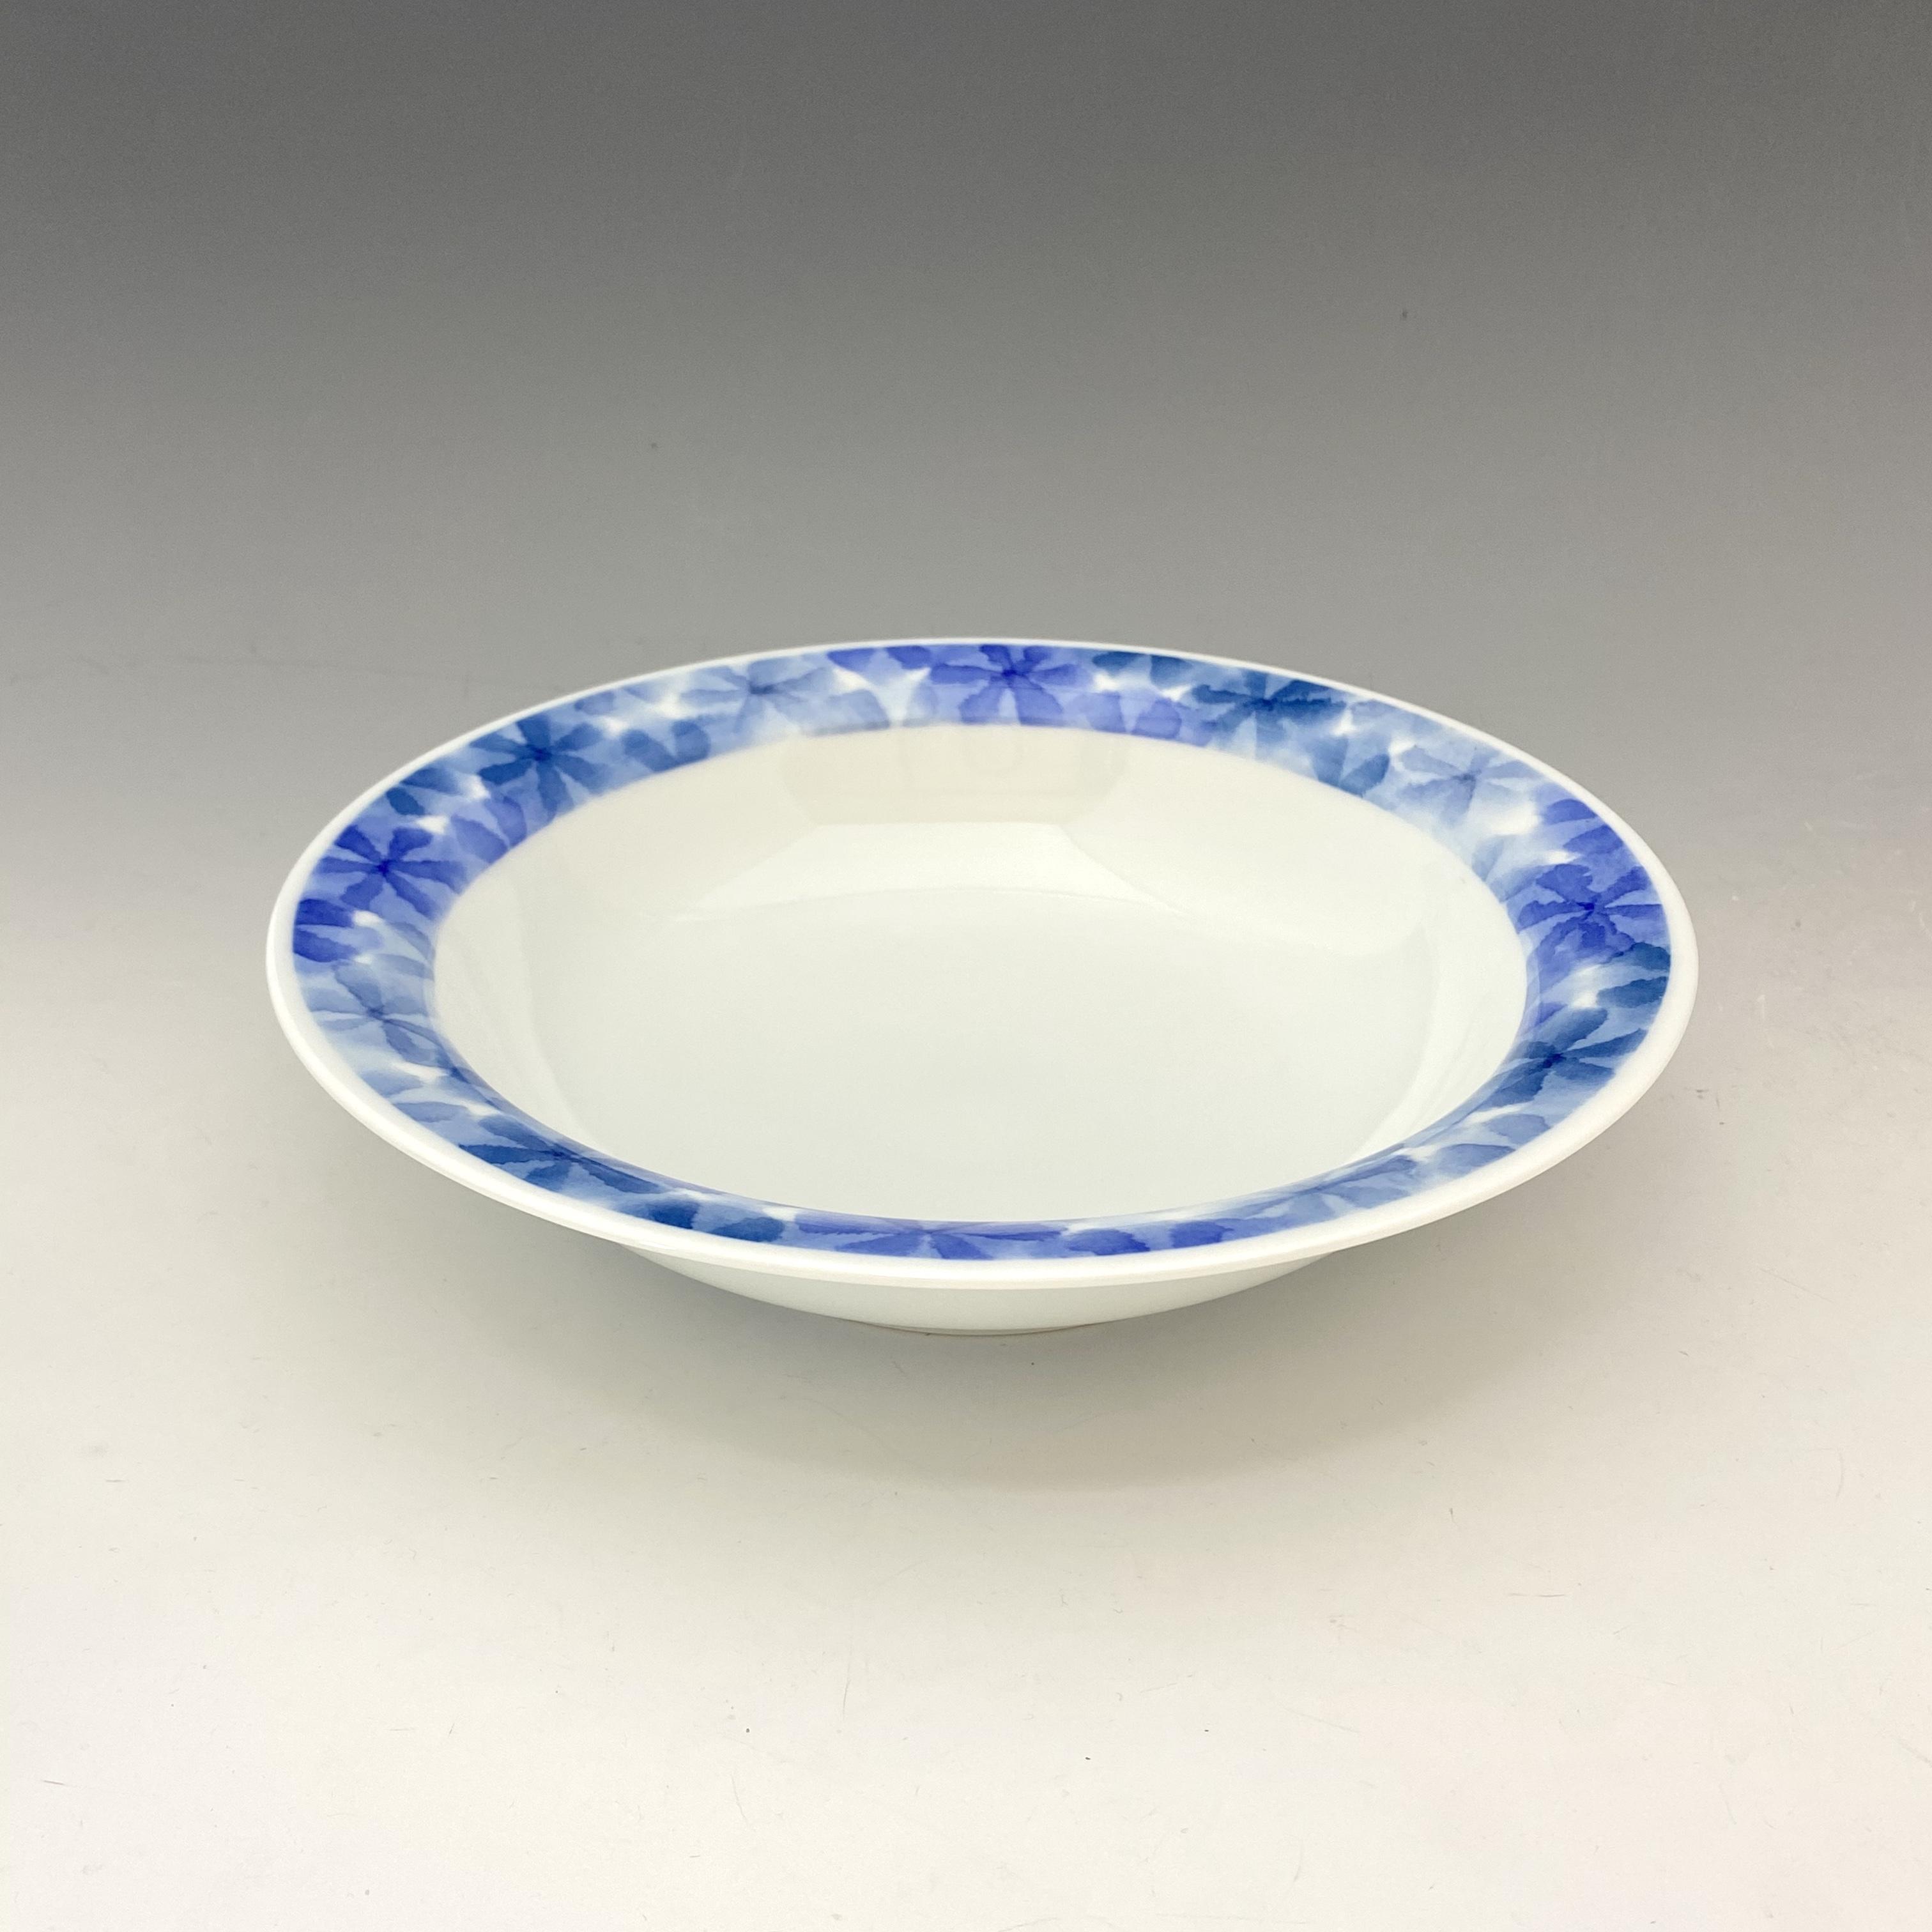 【中尾英純】和紙染ちぎり花文カレー皿